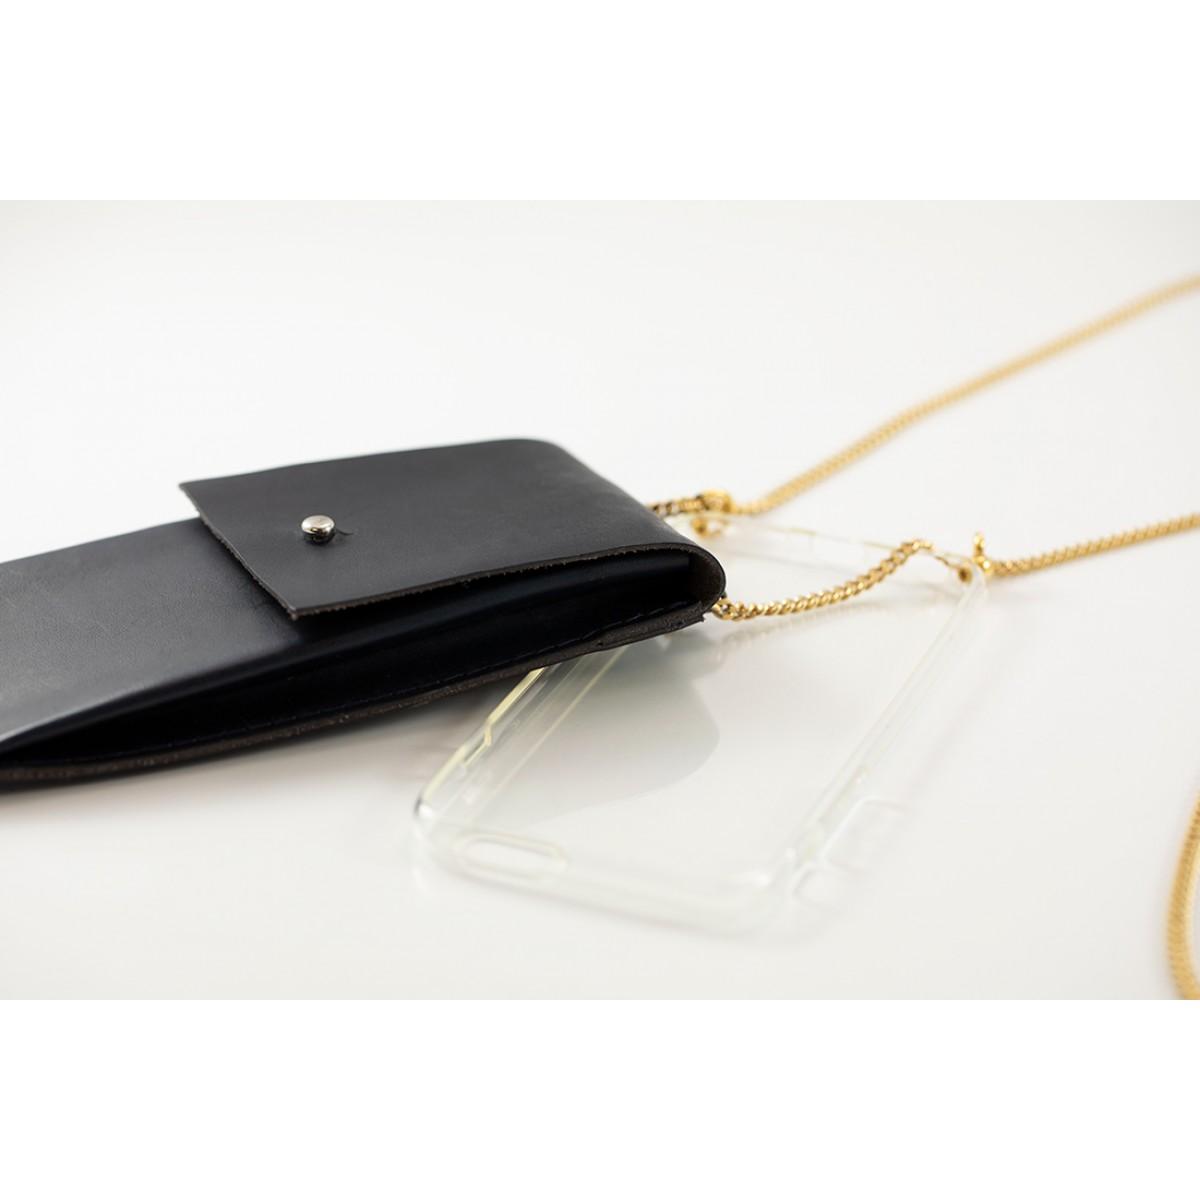 Lapàporter – iPhone Handykette aus Metall mit Lederriemen und abnehmbarer Tasche, dunkelblau/gold